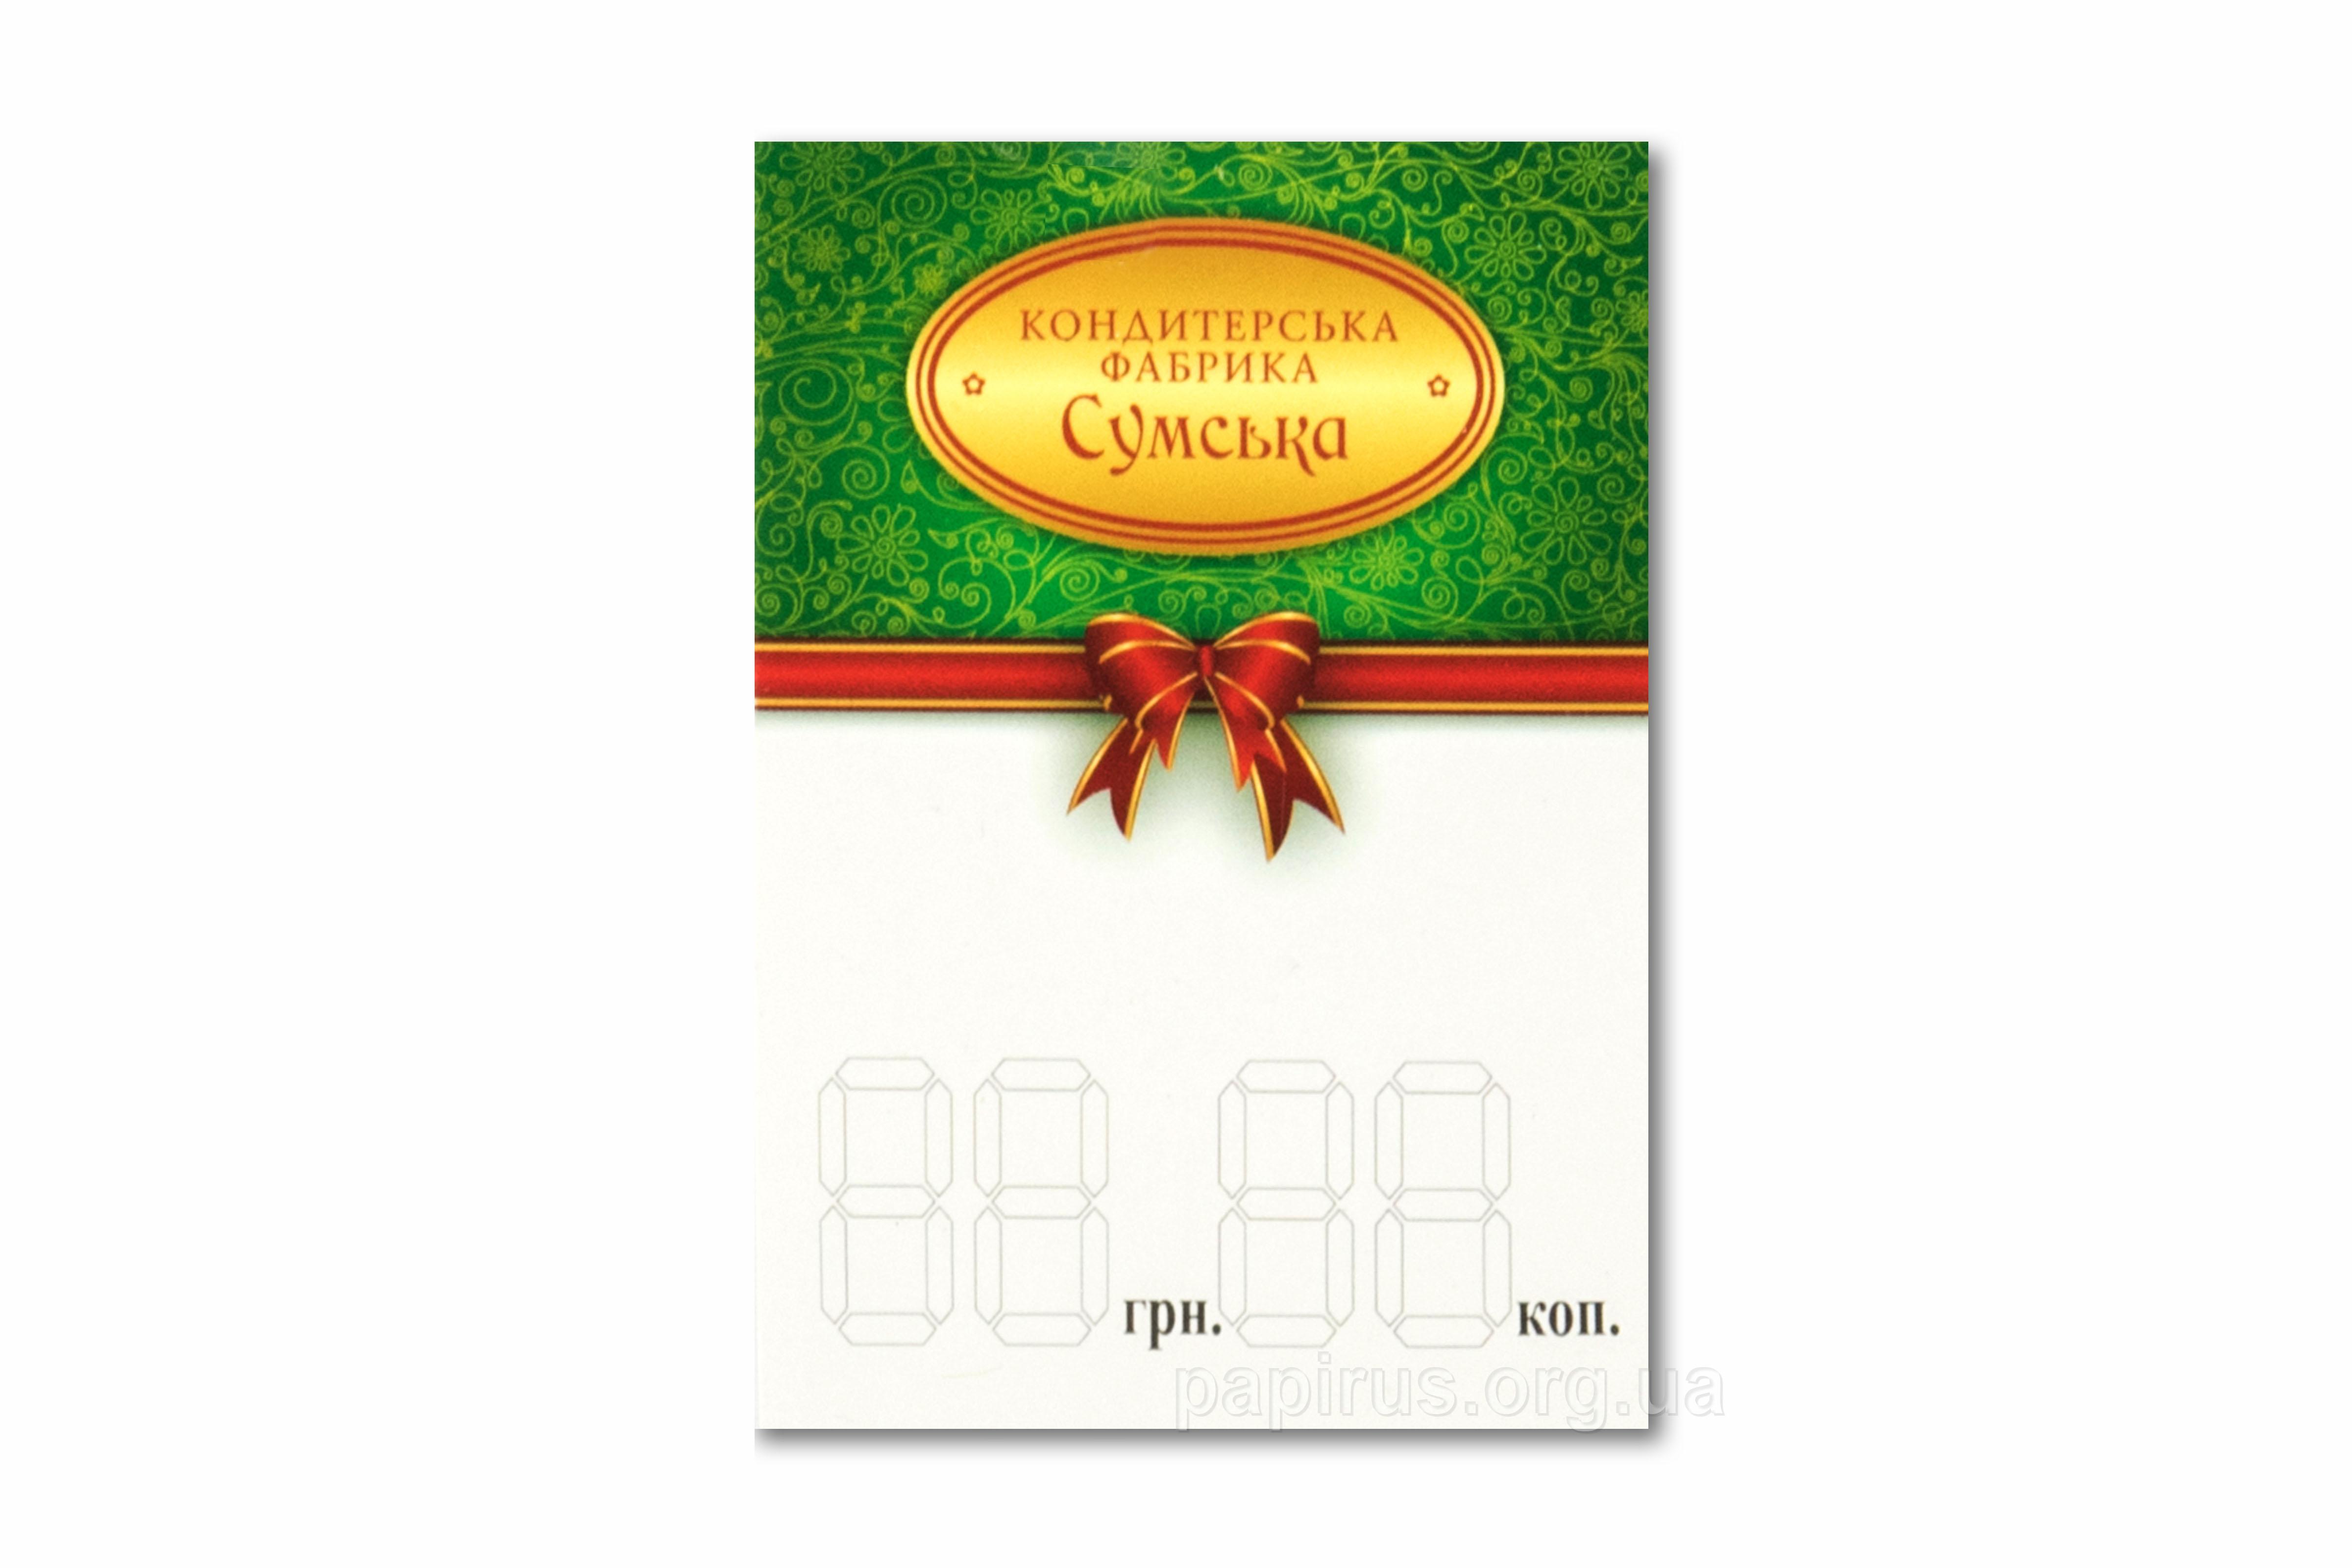 Печатный дом Папирус, г. Сумы, Этикетка. Печать Этикеток. Заказать Этикетки